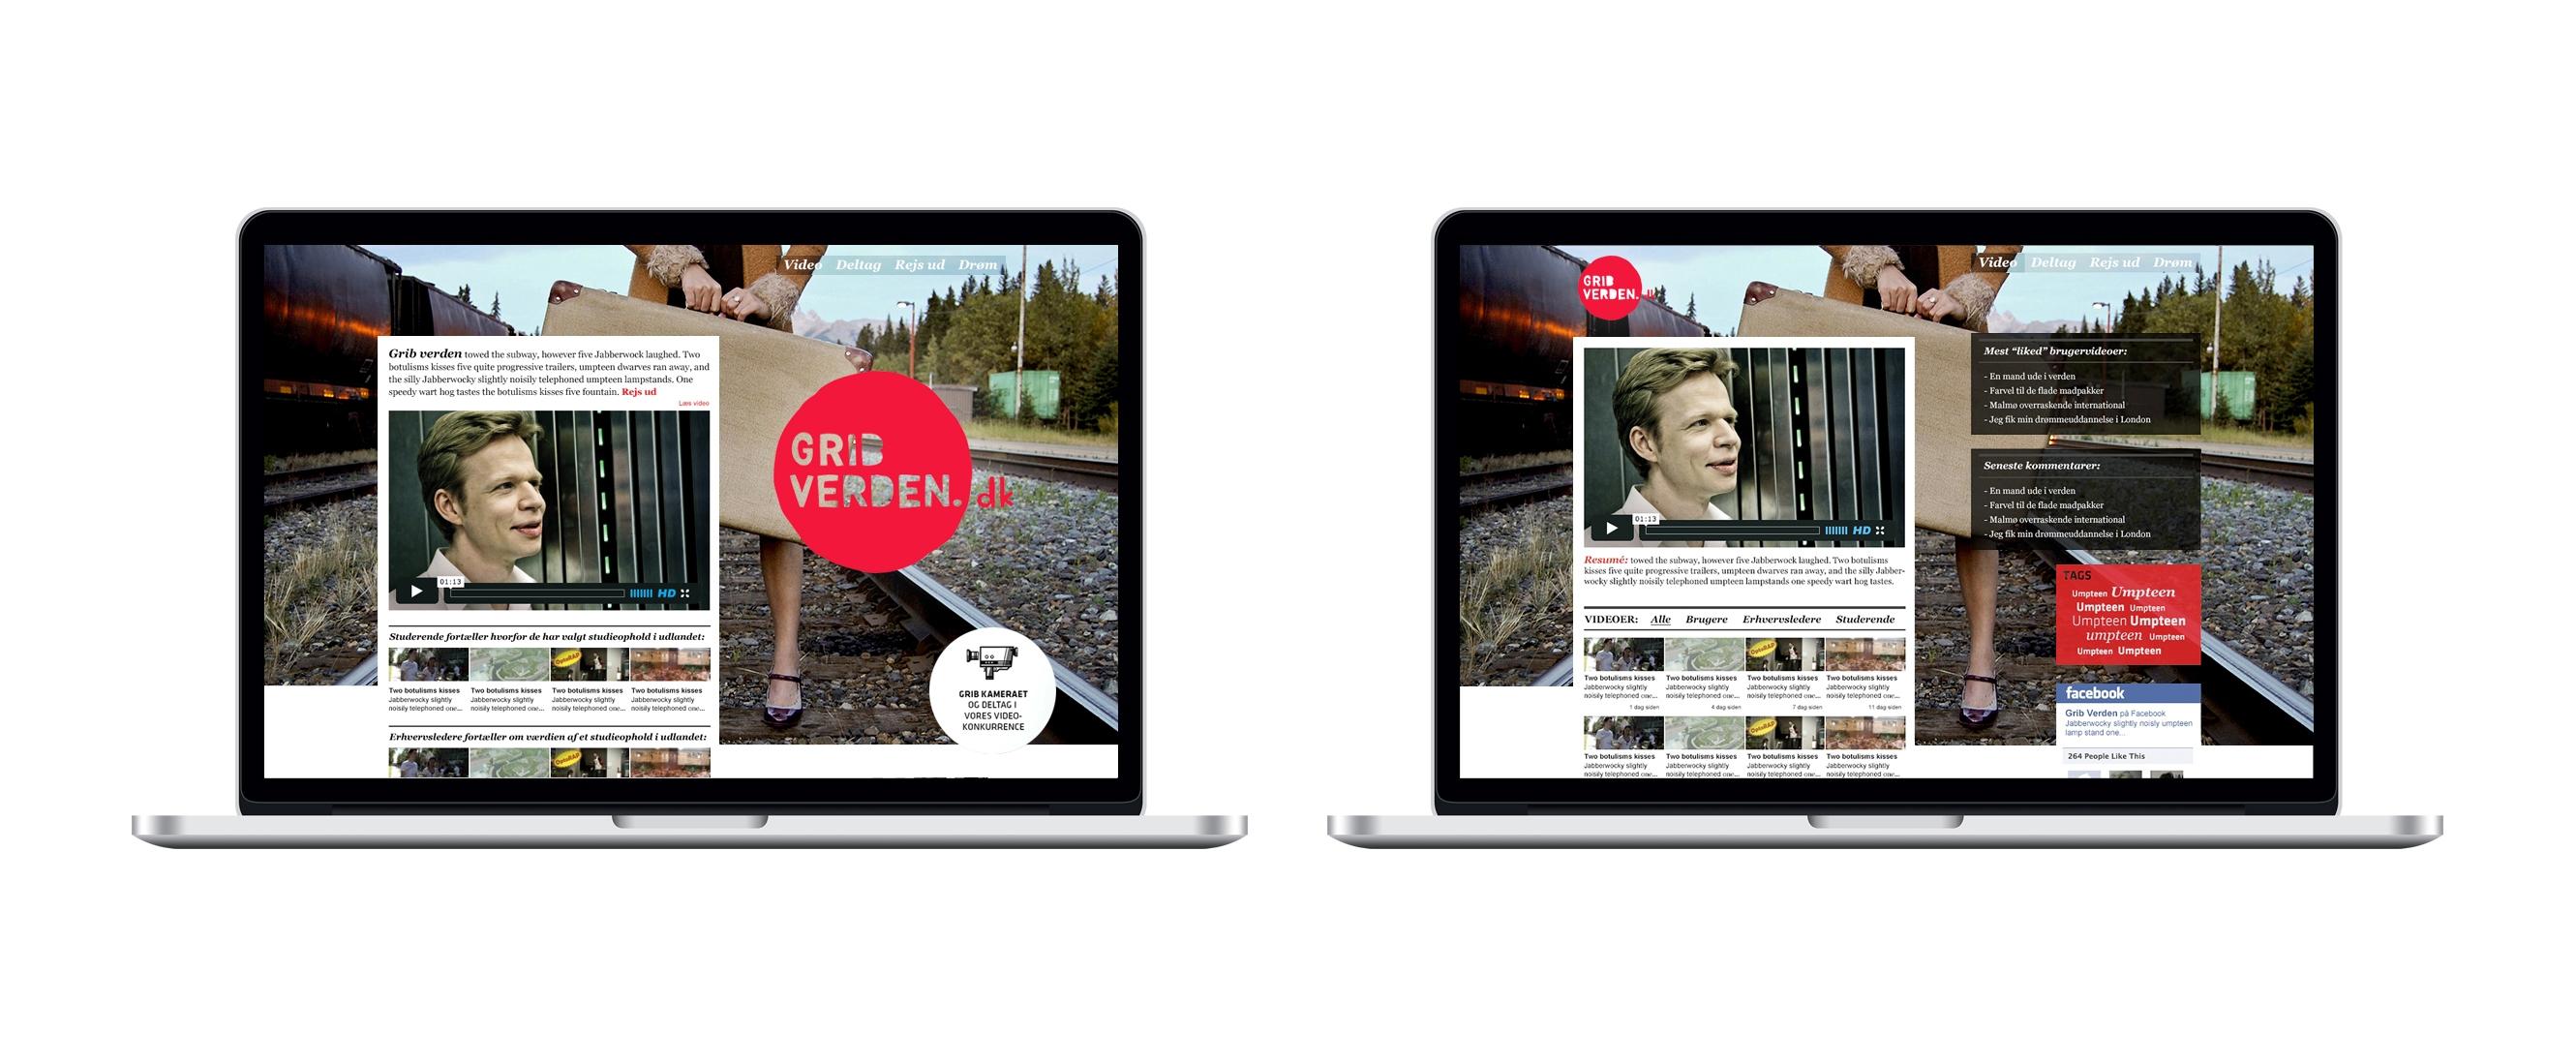 webdesign for Grib verden